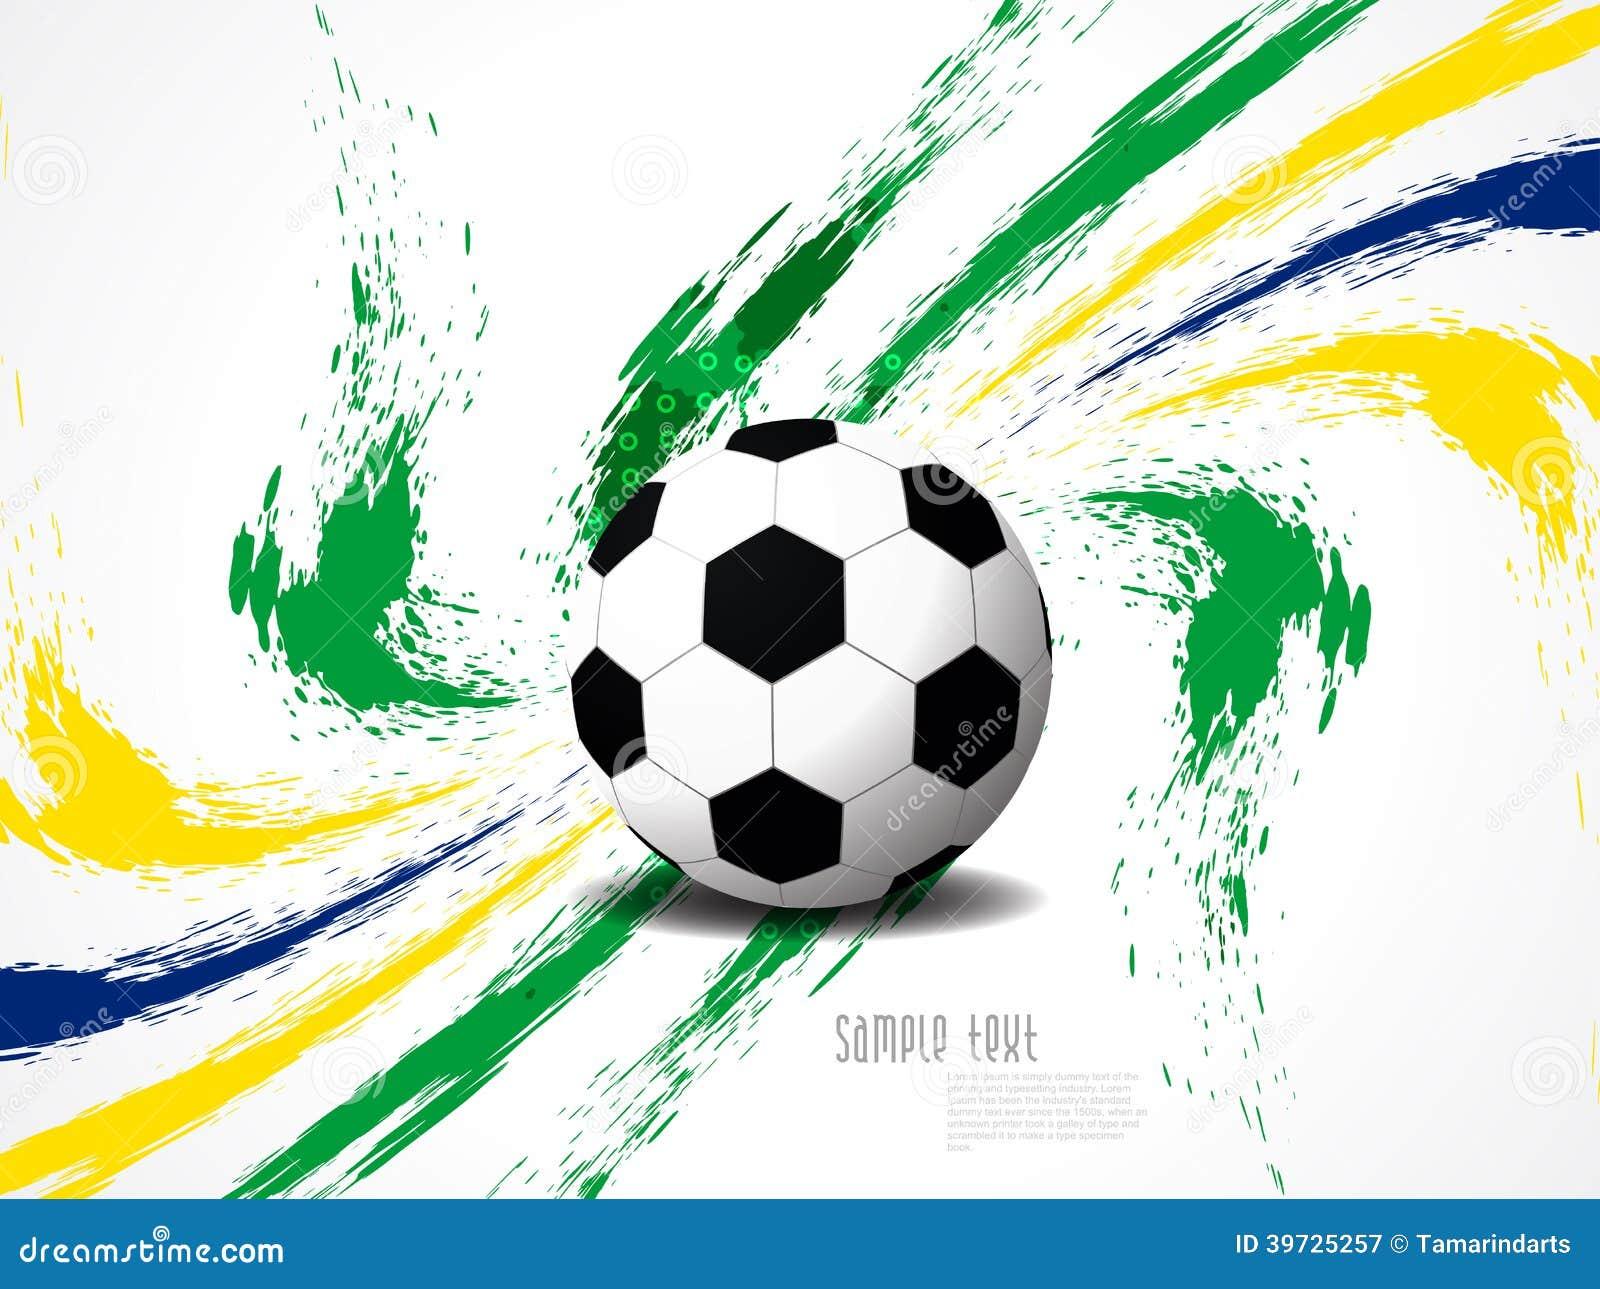 Fondo elegante creativo del fútbol con el chapoteo del grunge de los colores del Brasil.